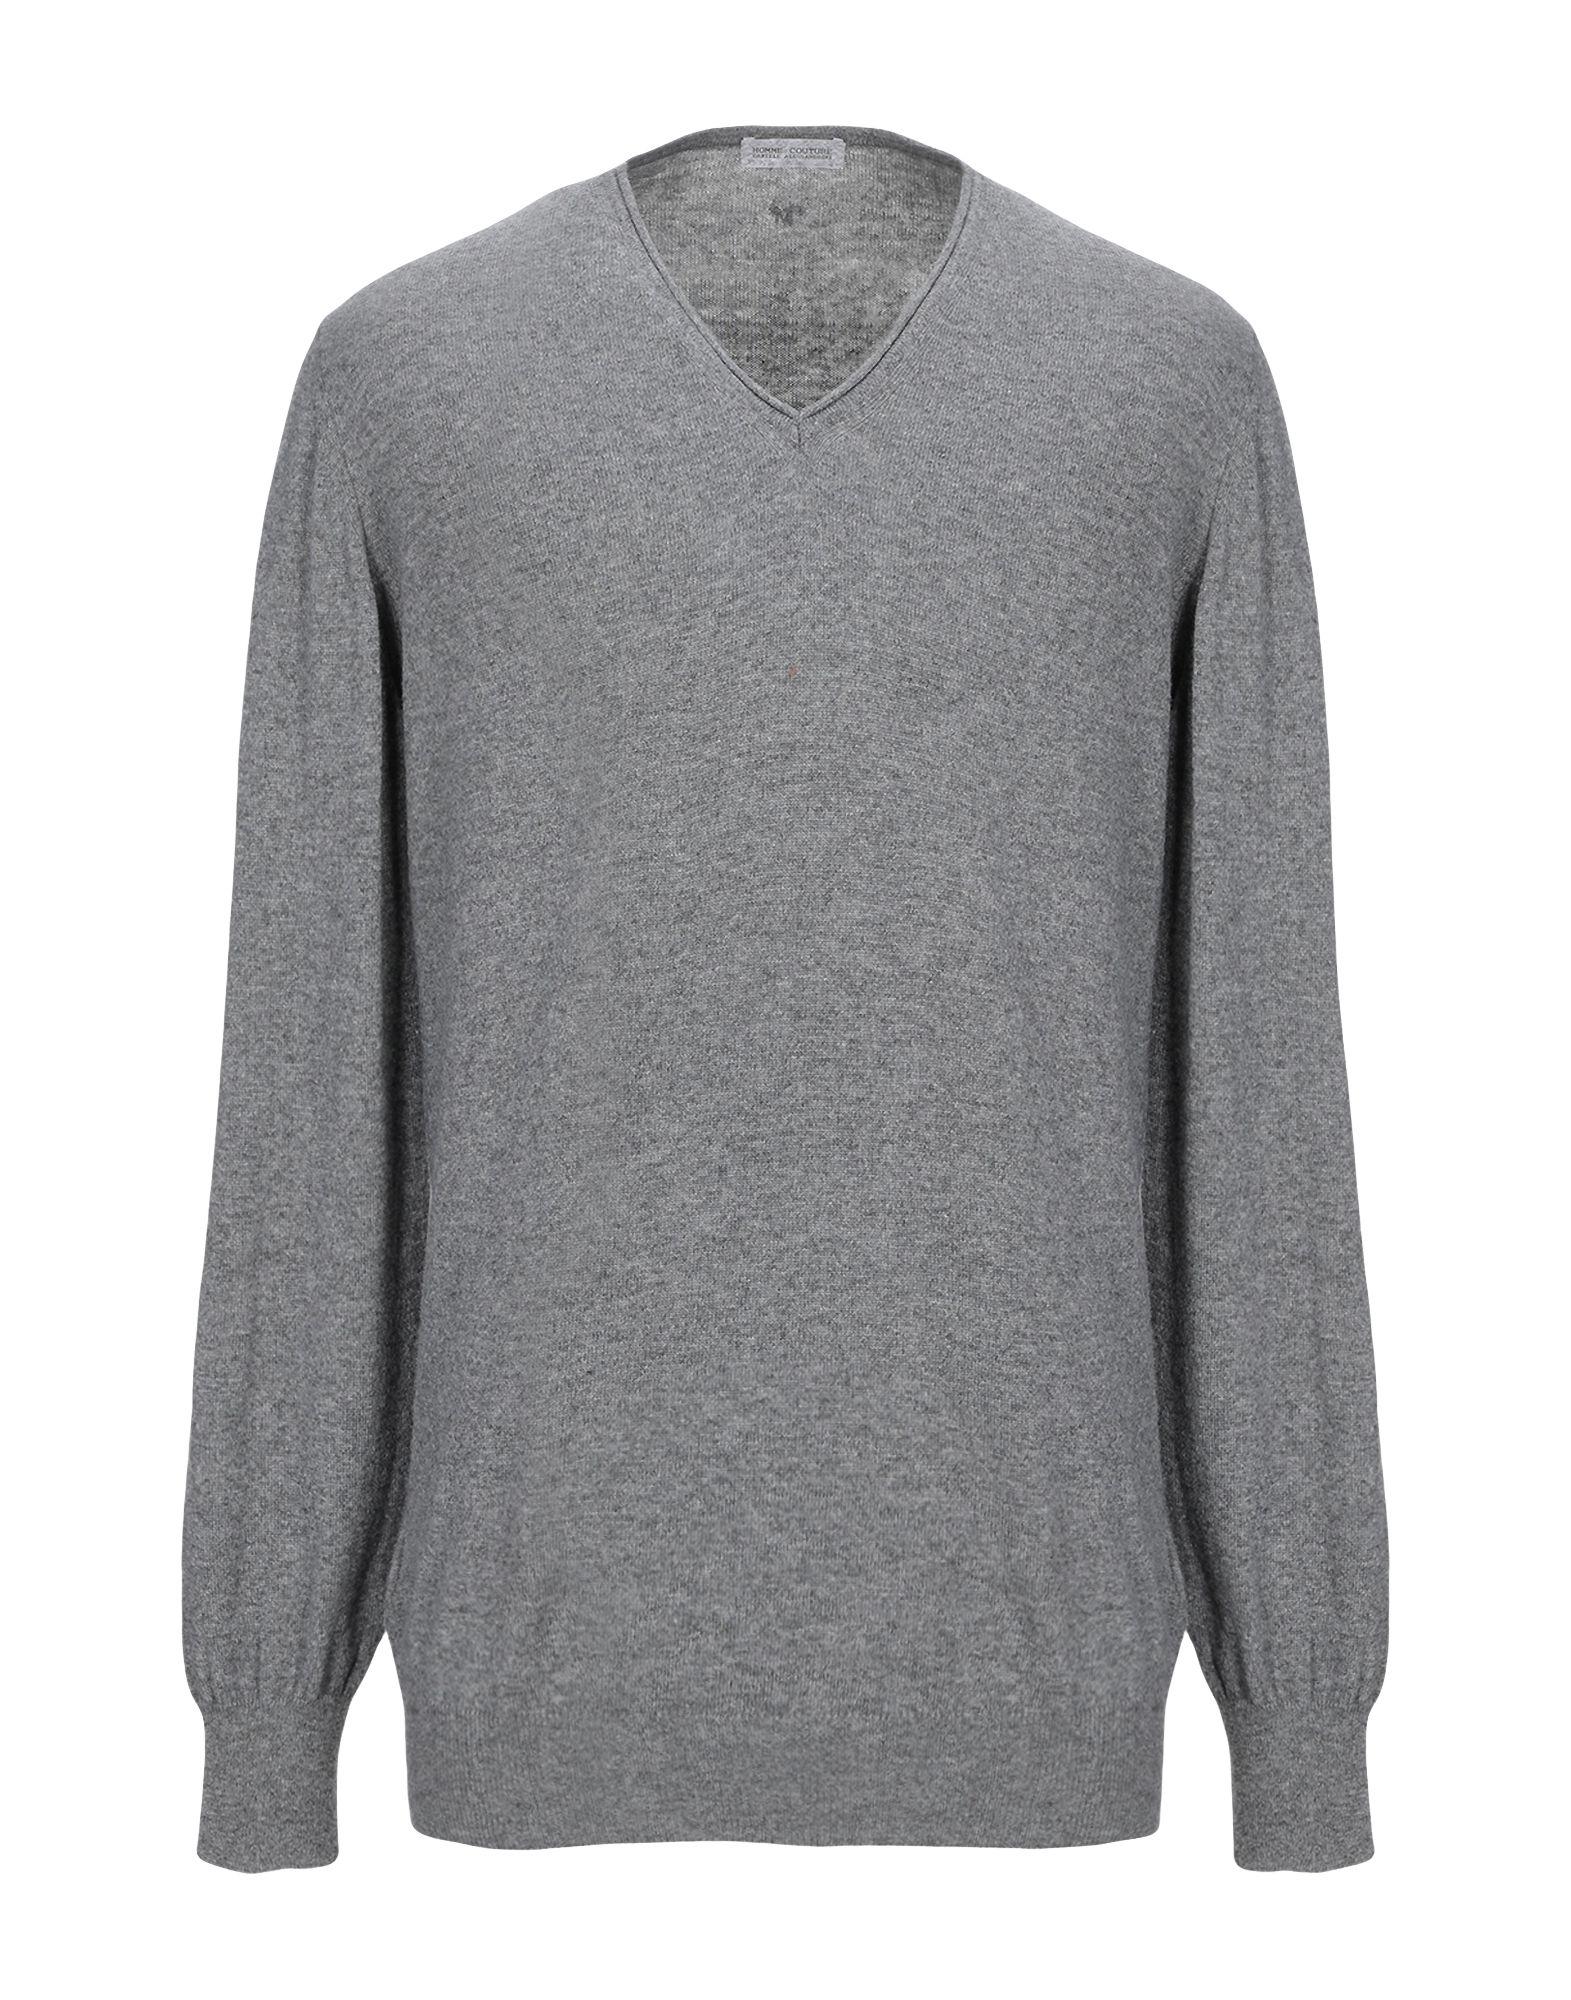 DANIELE ALESSANDRINI HOMME Свитер solid homme свитер